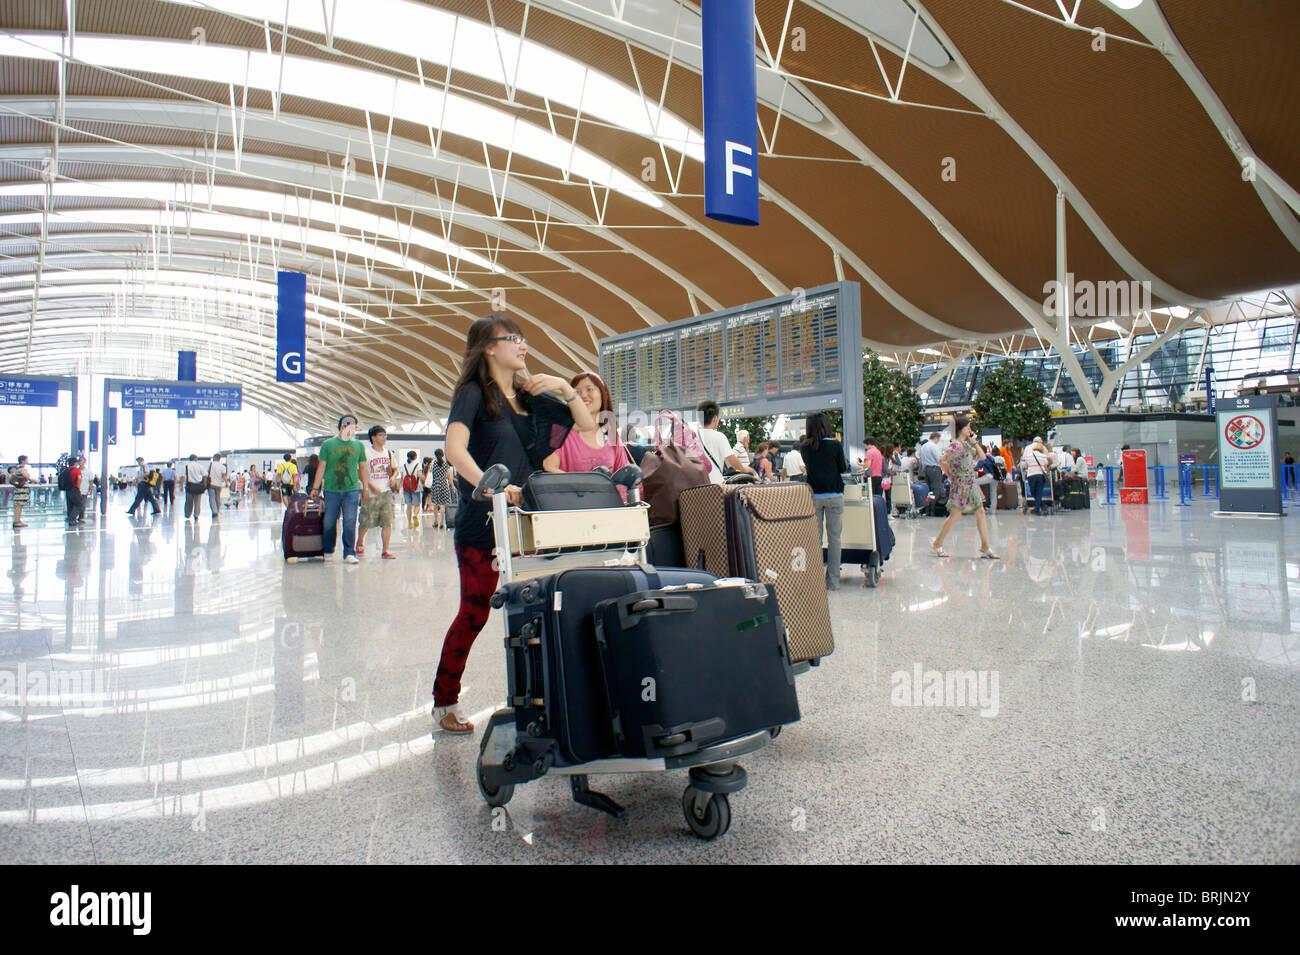 Shanghai, China. Vestíbulo principal sala de salidas con vuelo notice board, el aeropuerto internacional de Imagen De Stock